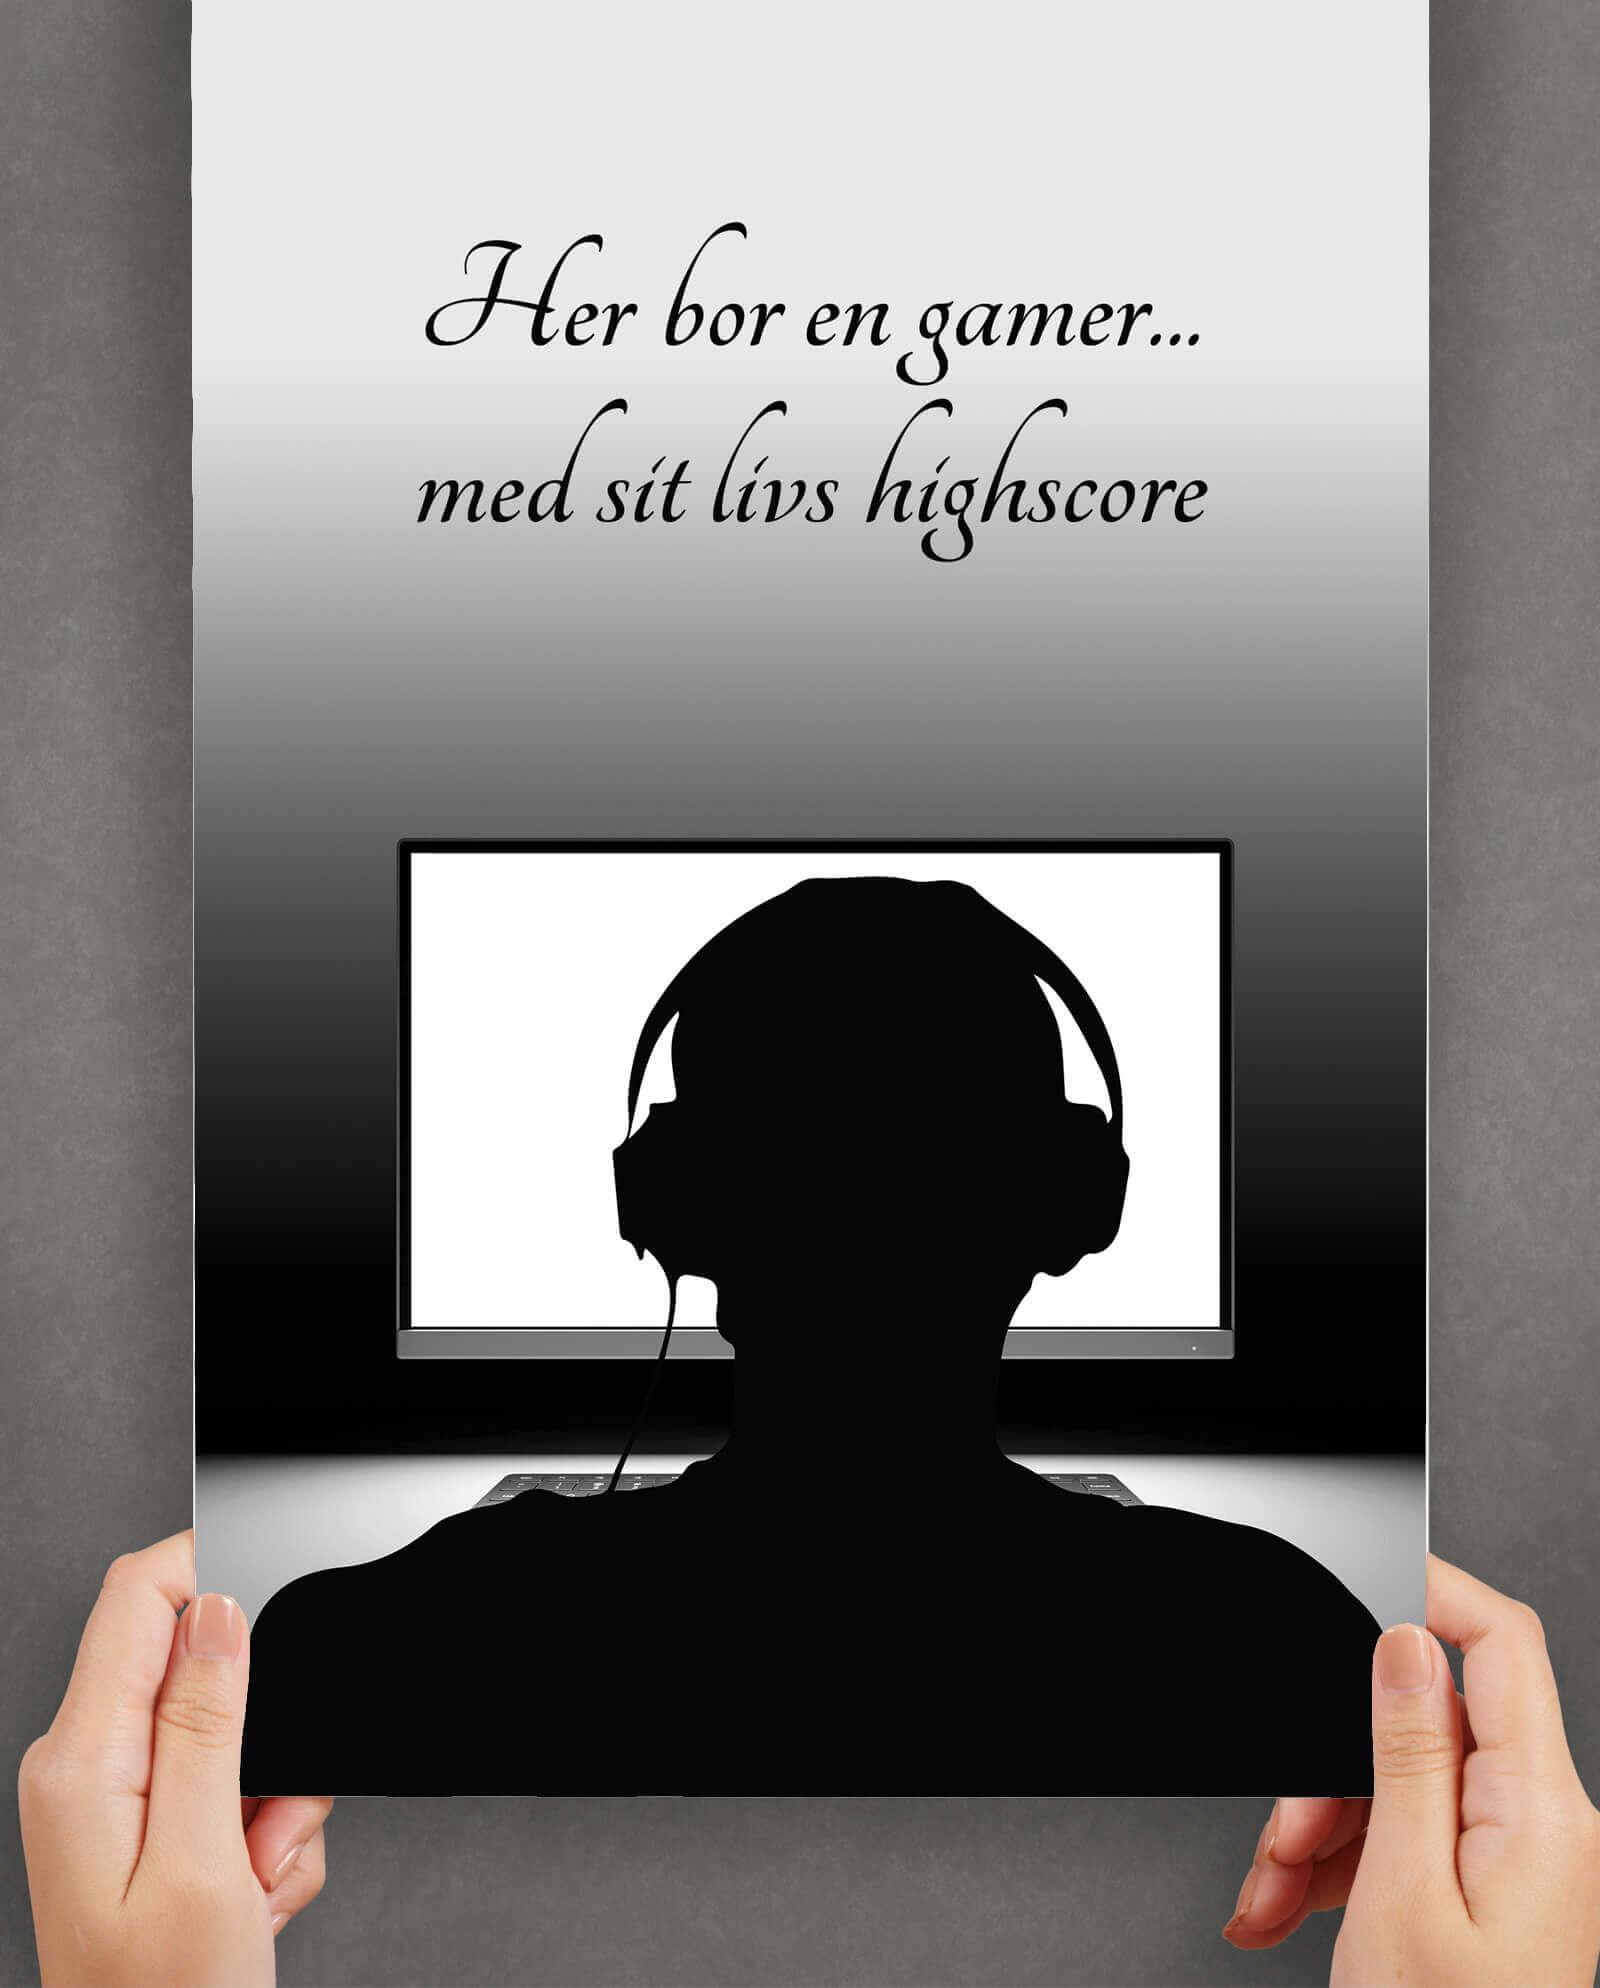 gamer-job-plakat-1